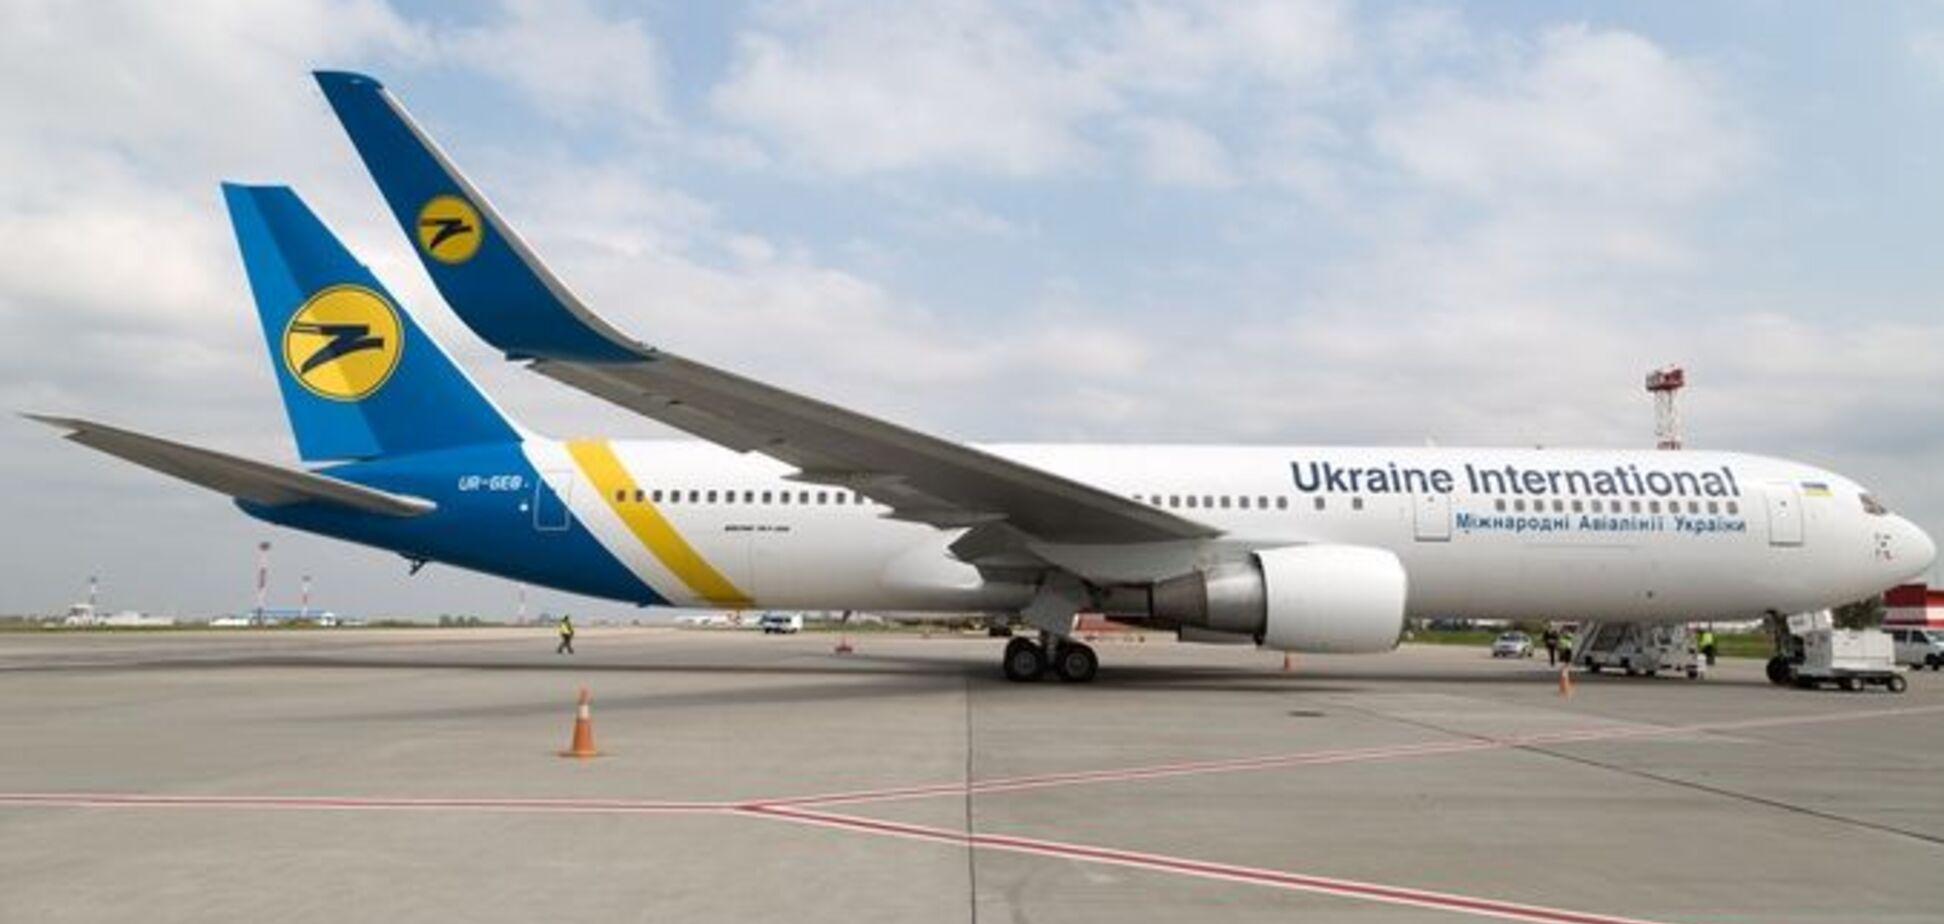 МАУ отменила ряд рейсов из-за коронавируса: опубликованы сроки и направления